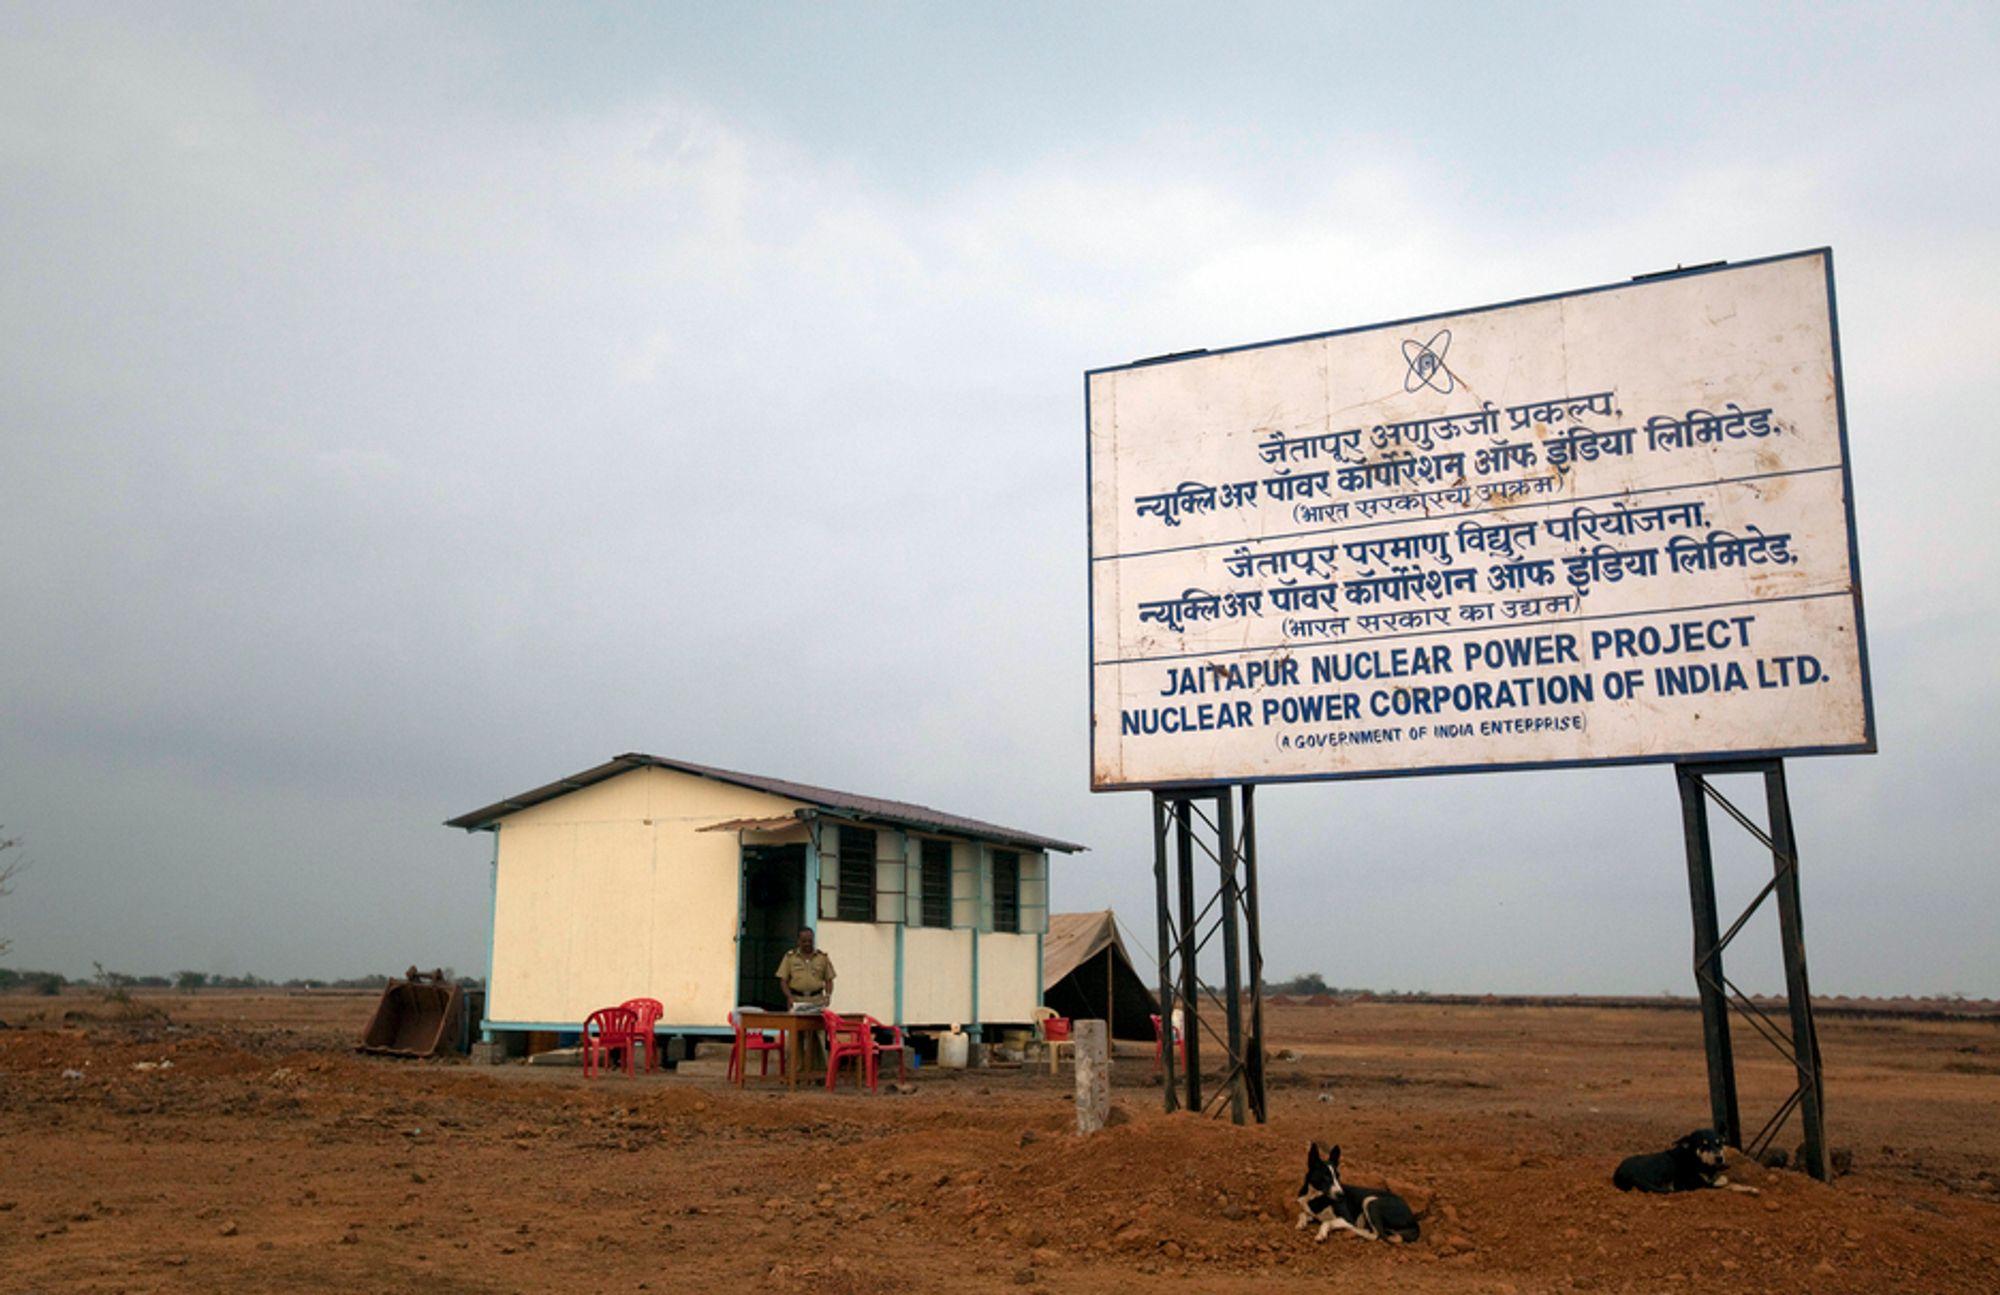 MOTSTAND: Det er liten aktivitet på stedet hvor indiske myndigheter planlegger å starte byggingen av verdens største kjernekraftverk. Men motstanden mot prosjektet er stor i lokalbefolkningen.